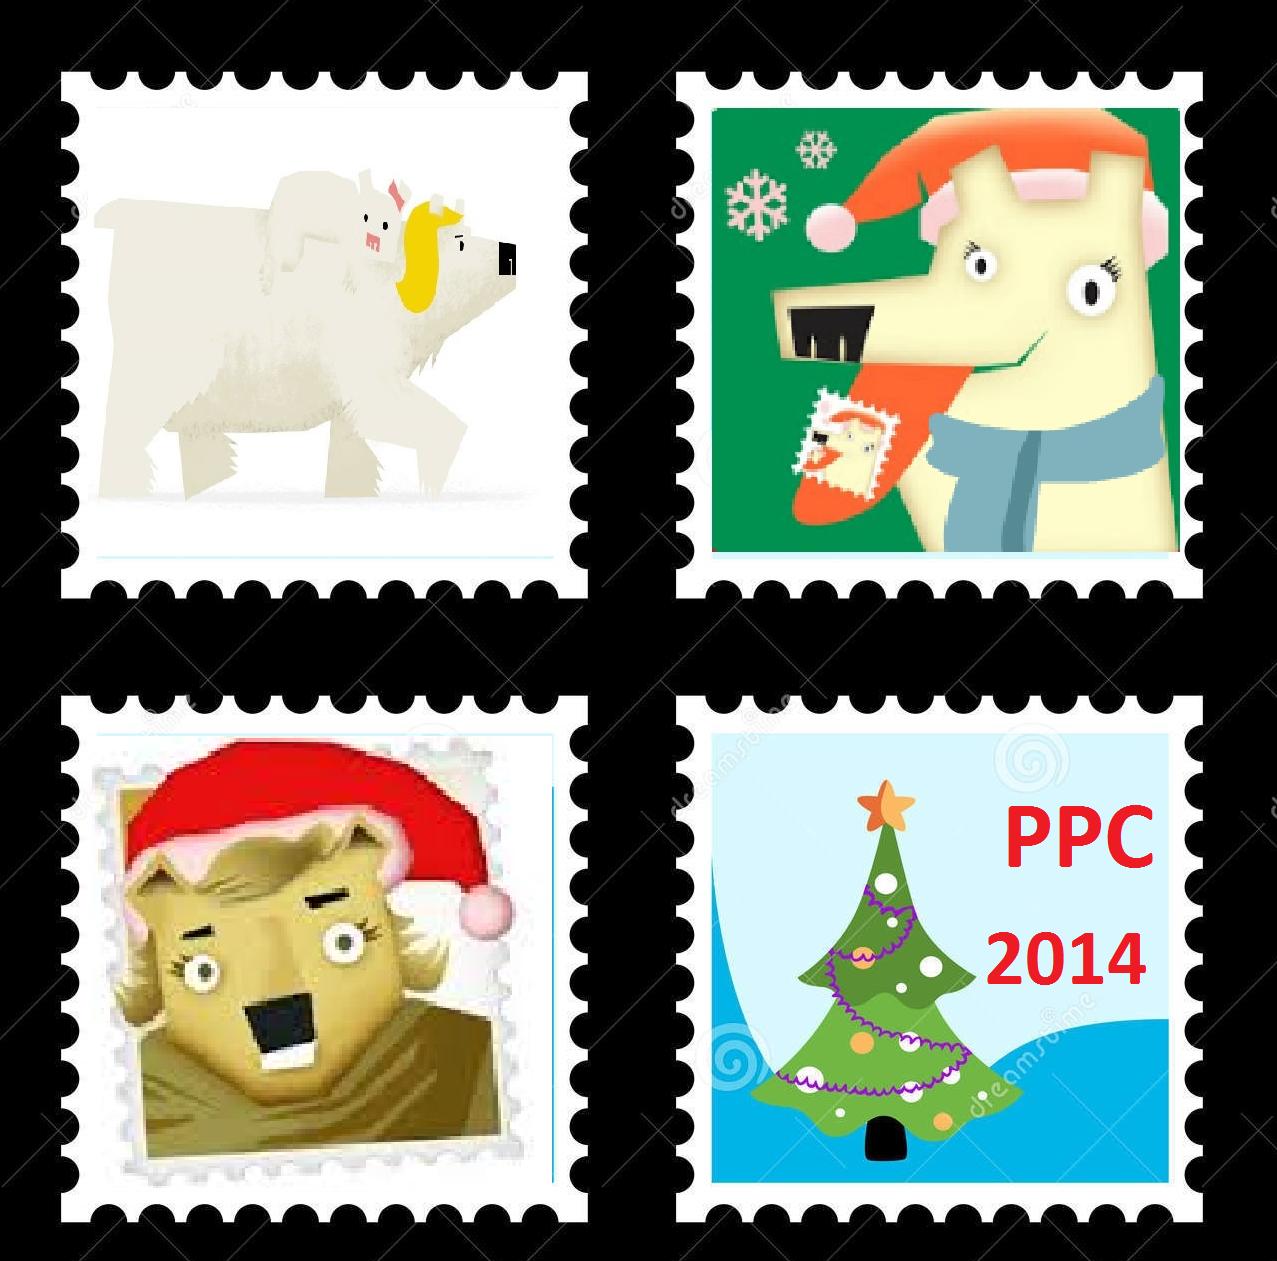 PPC 2014